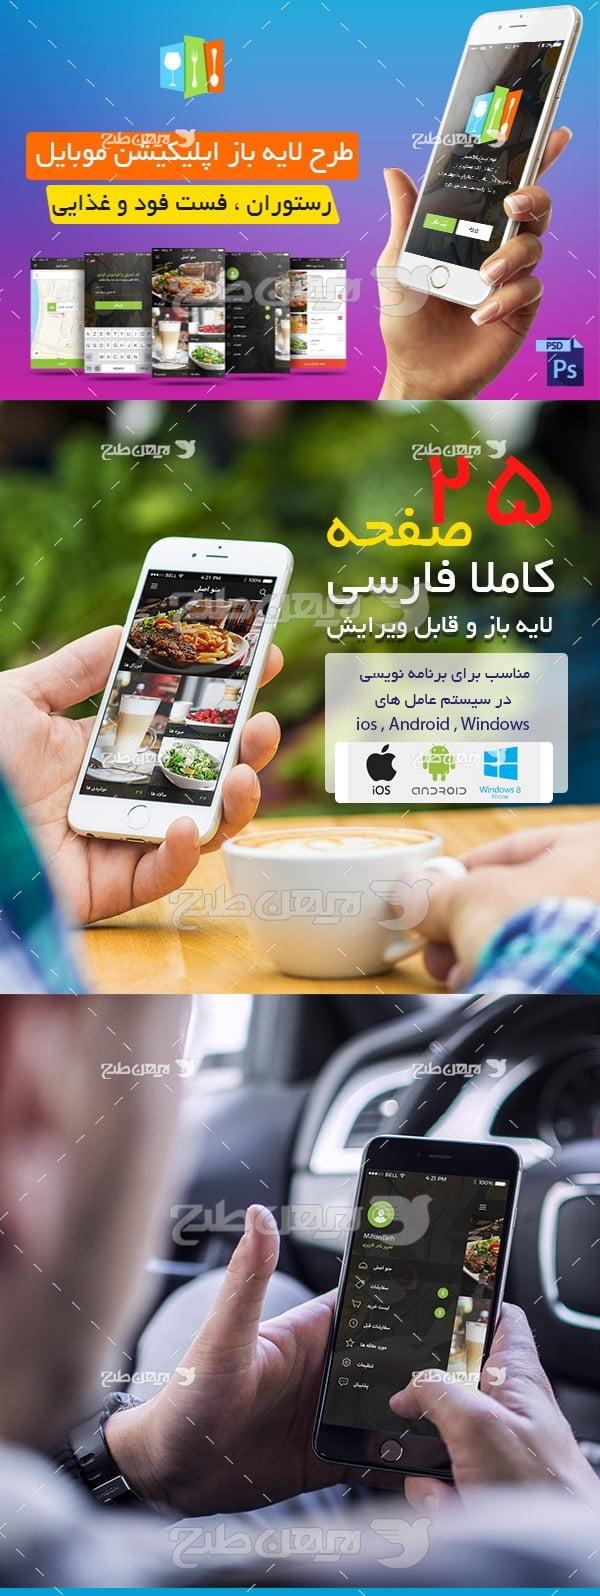 طرح لایه باز اپلیکیشن موبایل ویژه فست فود ، غذایی و رستوران